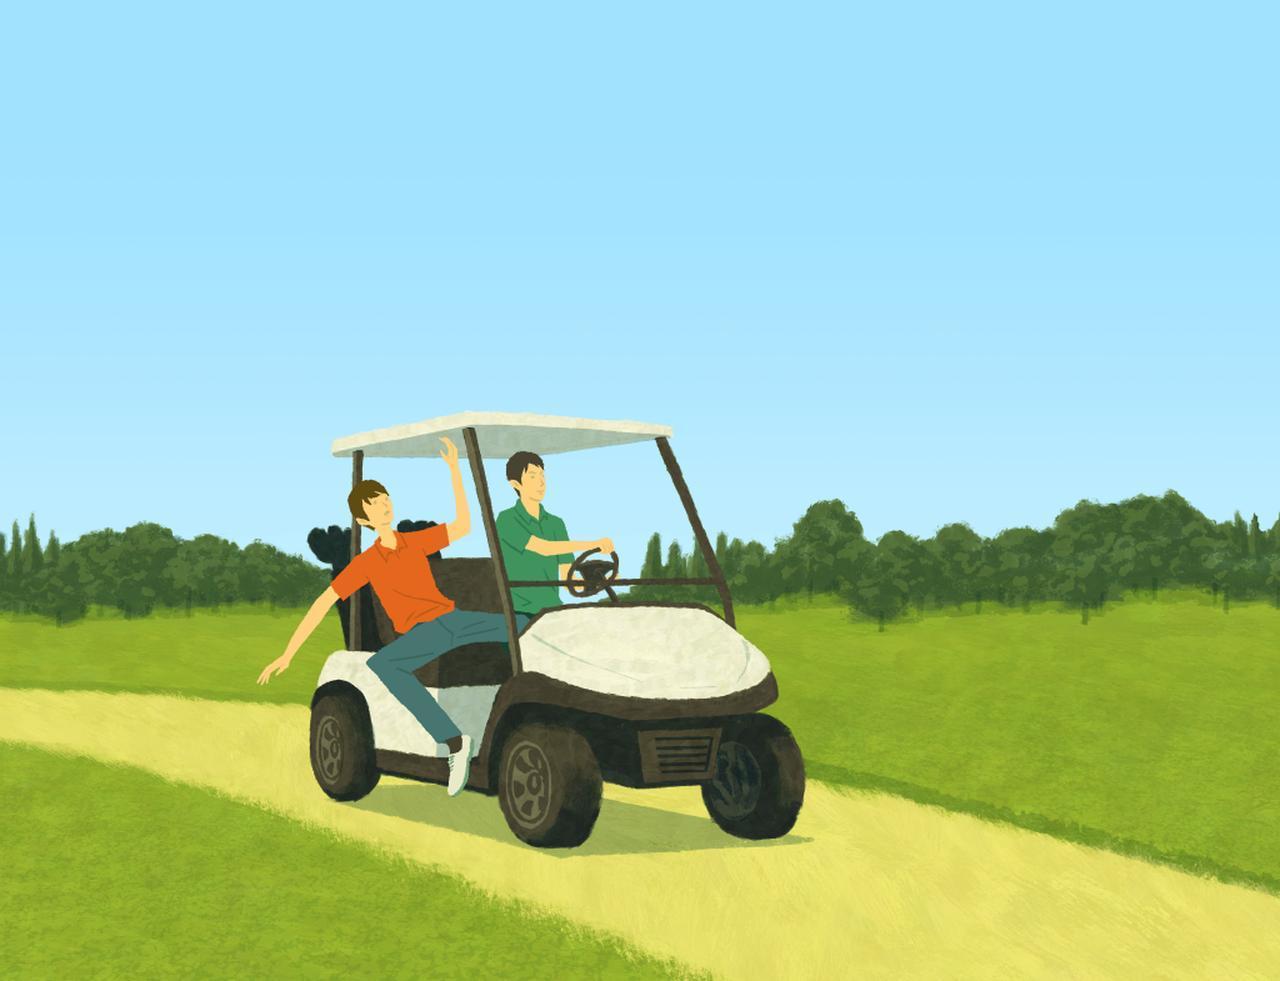 画像: ゴルフの乗用カートでも急加速や急ブレーキは事故のもと